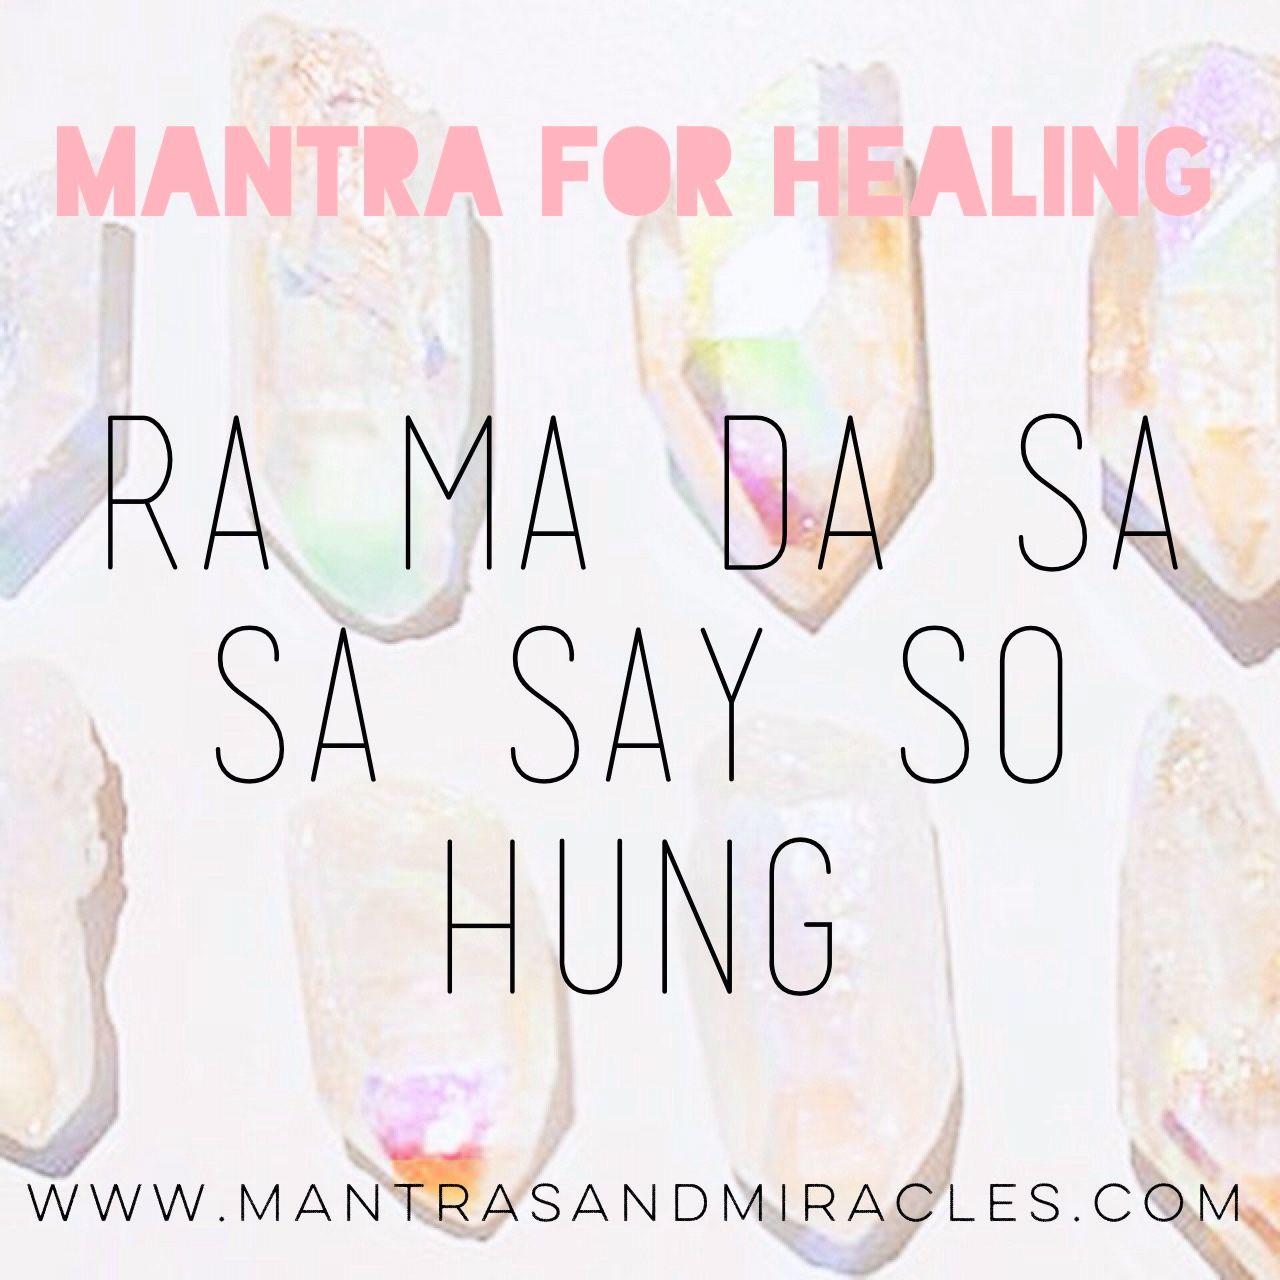 Yoga Matras: Ra Ma Da Sa Sa Say So Hung: Mantra For Healing